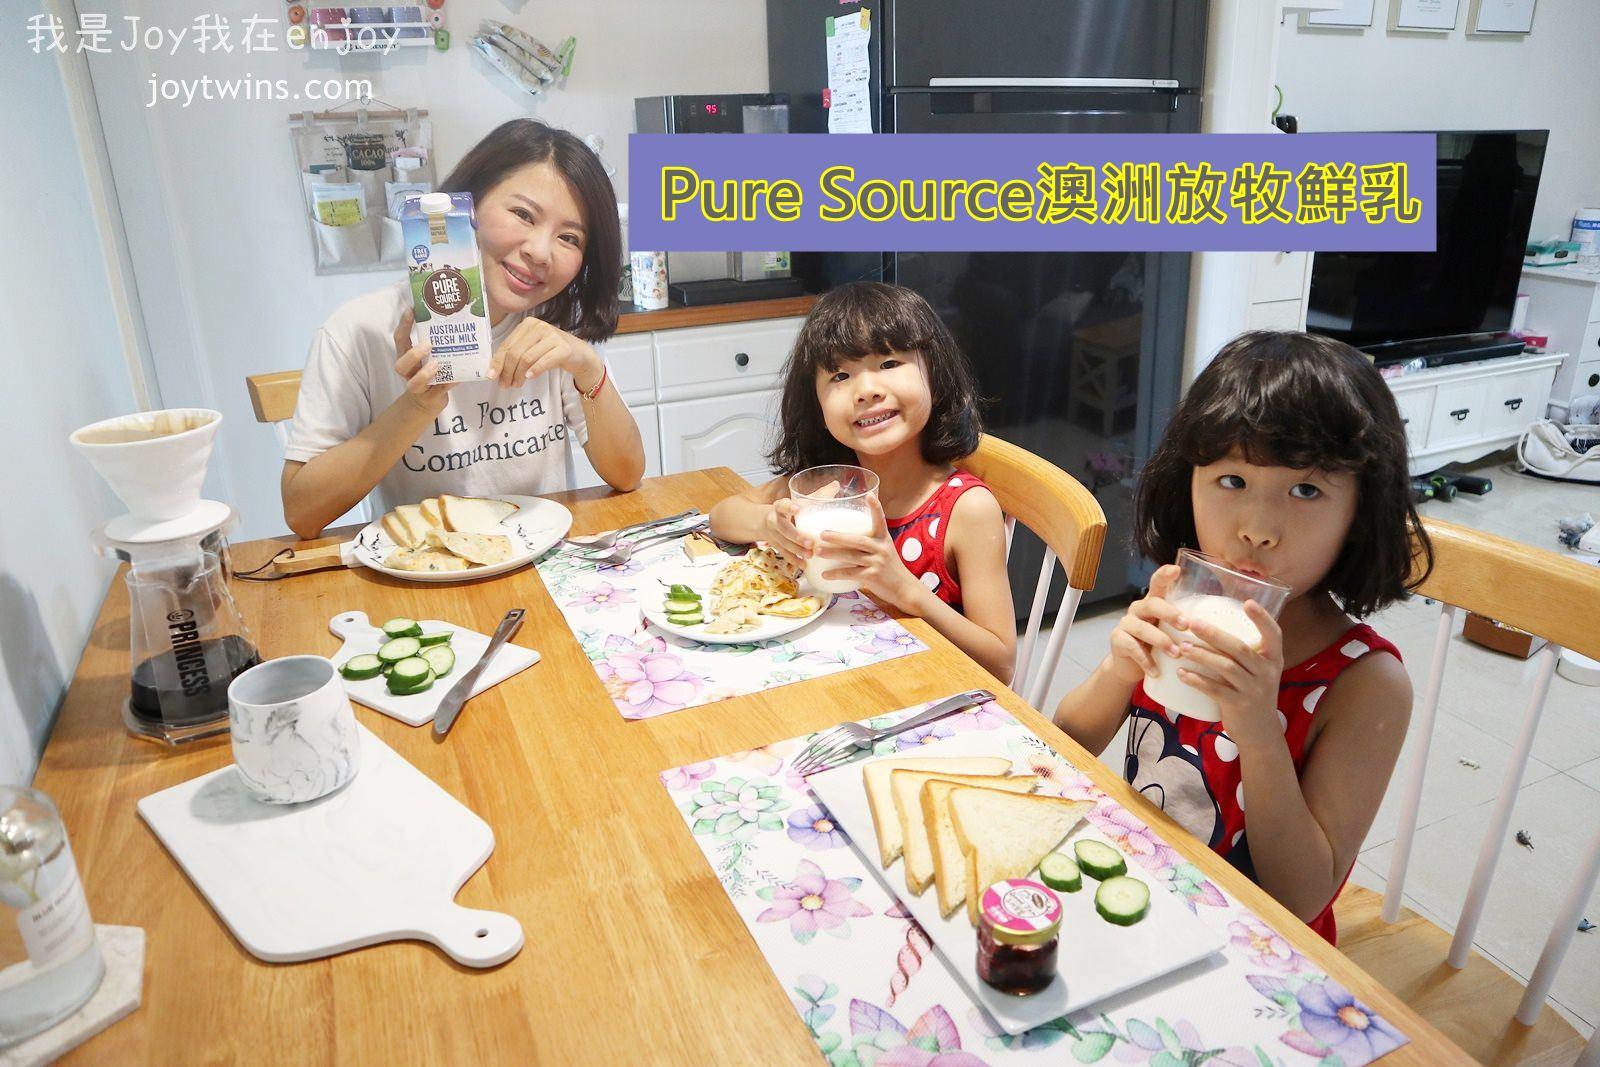 【生活飲品】Pure Source澳洲頂級鮮乳 大自然陽光草原香濃口感 真的超好喝的快樂鮮奶